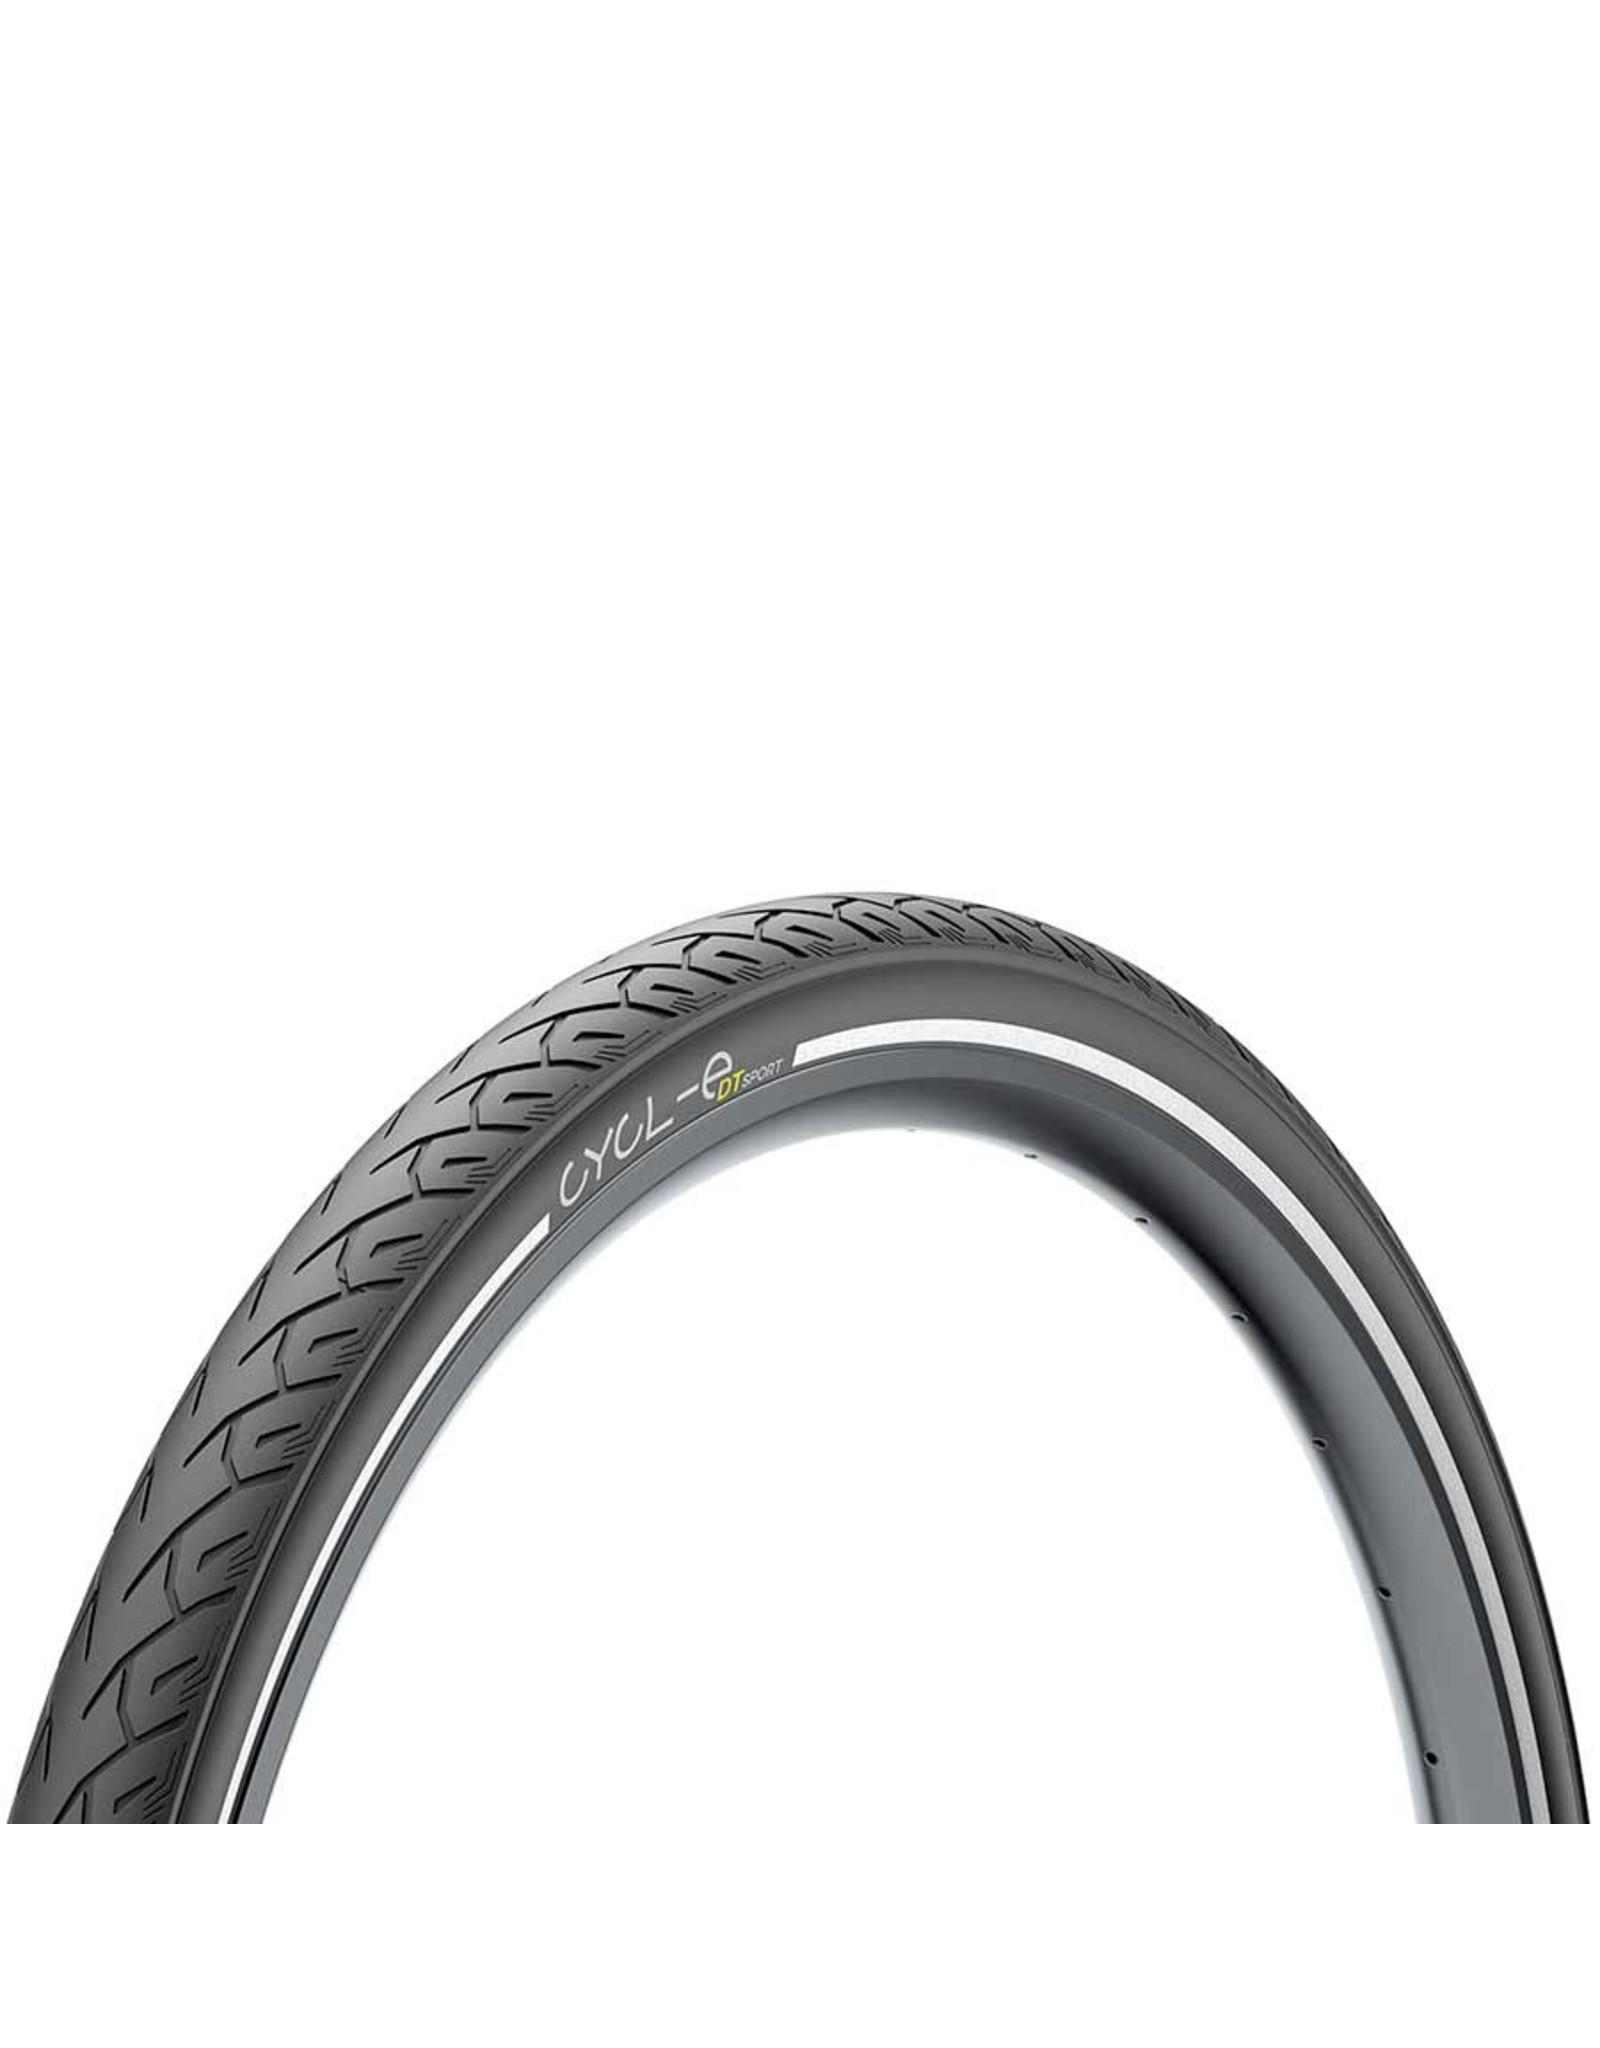 Pirelli, Cycl-e DTs, Tire, 700x40C, Wire, Clincher, Black